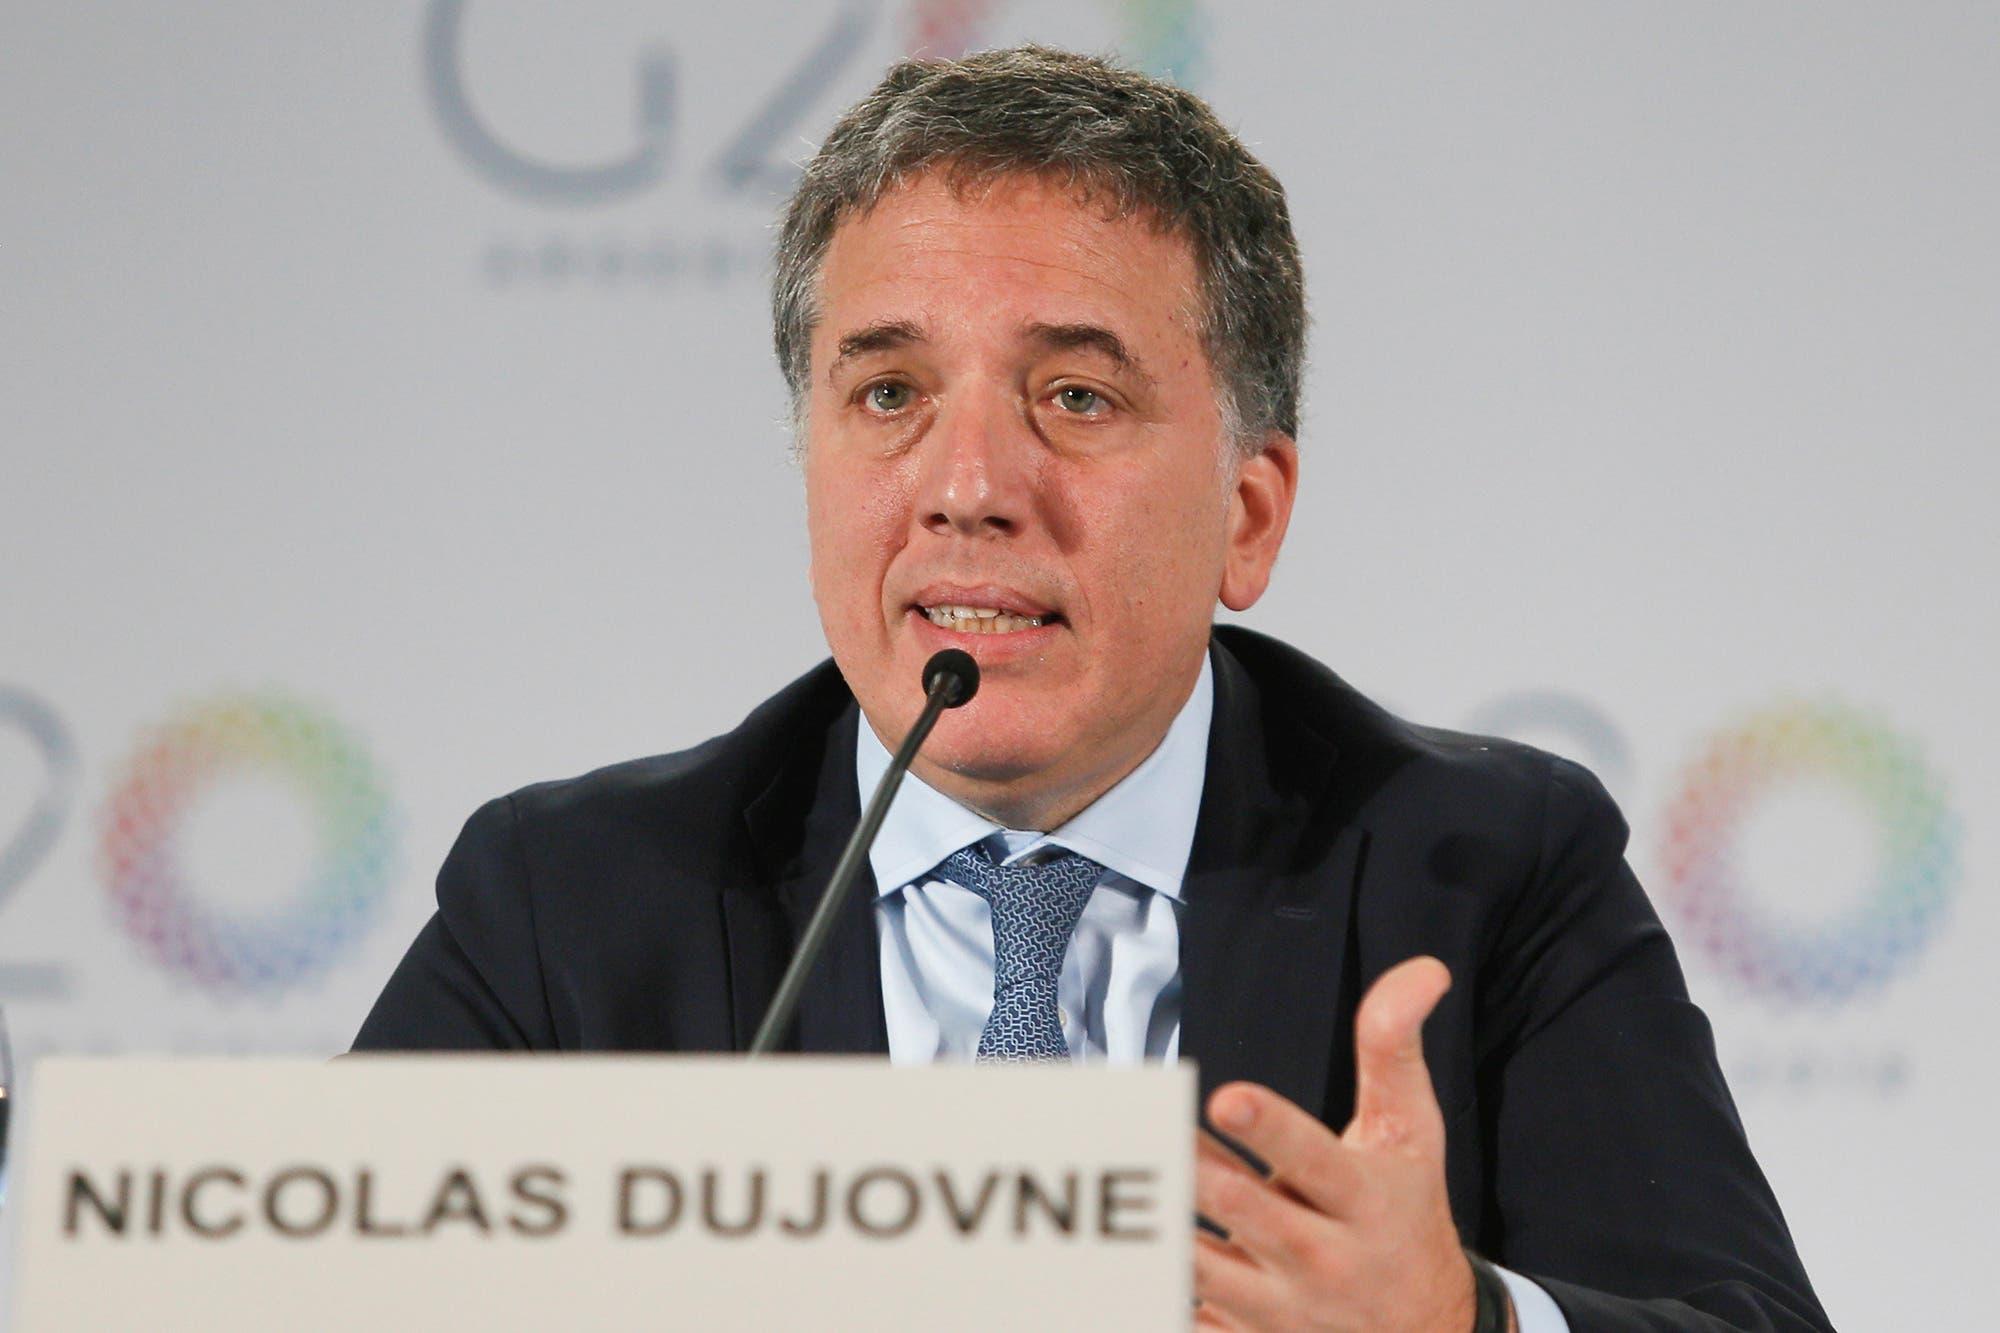 Dujovne y Massa se cruzaron por el acuerdo con el FMI